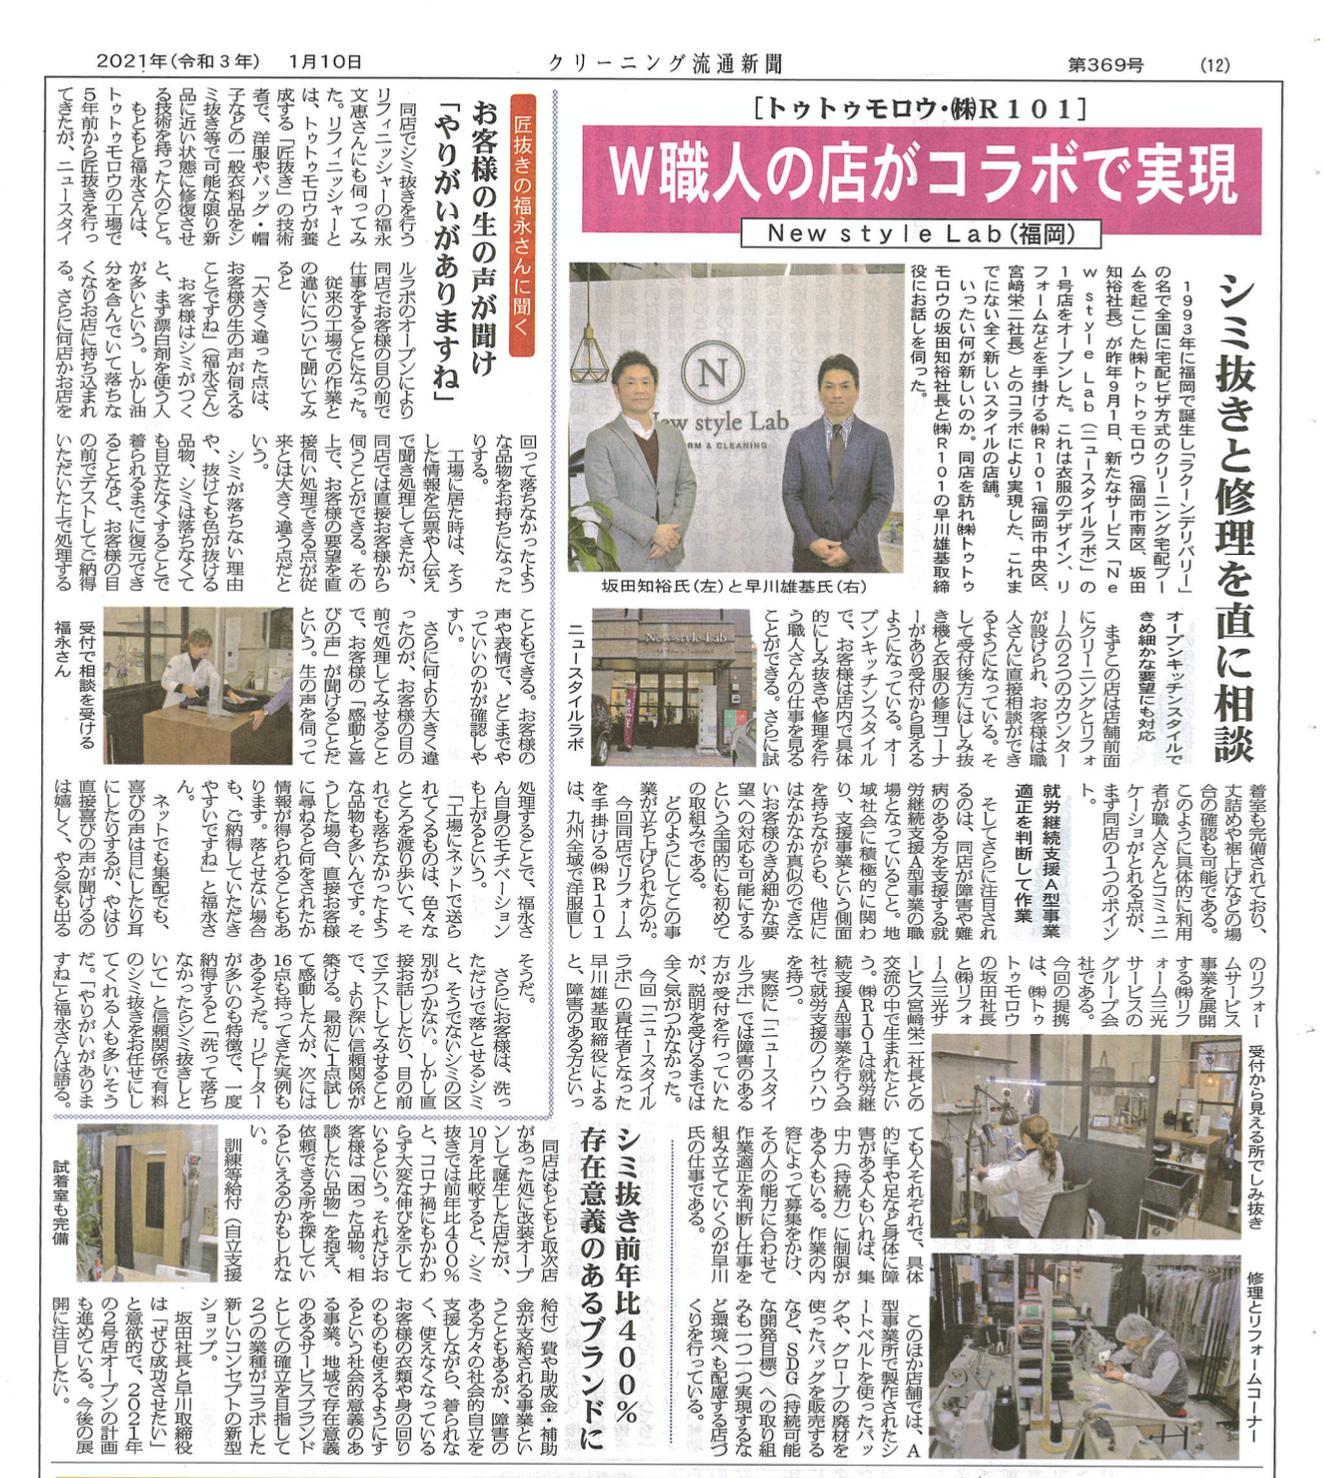 クリーニング流通新聞新年号で新サービス【New style Lab(ニュースタイルラボ)】の取組が紹介されました。